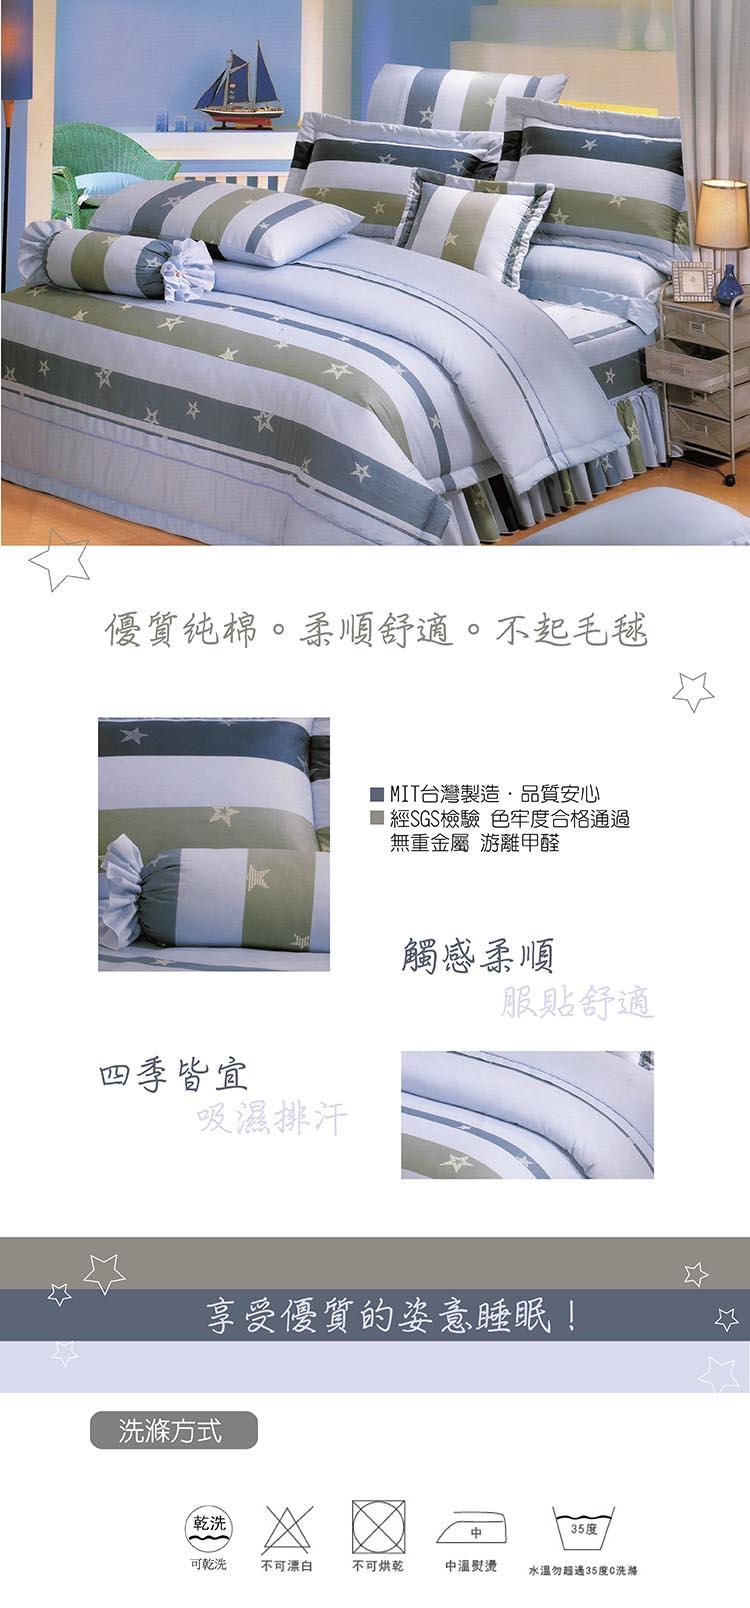 加大雙人7件式床罩組【星語】專櫃精品、100%純綿、台灣製 # 寢國寢城 3